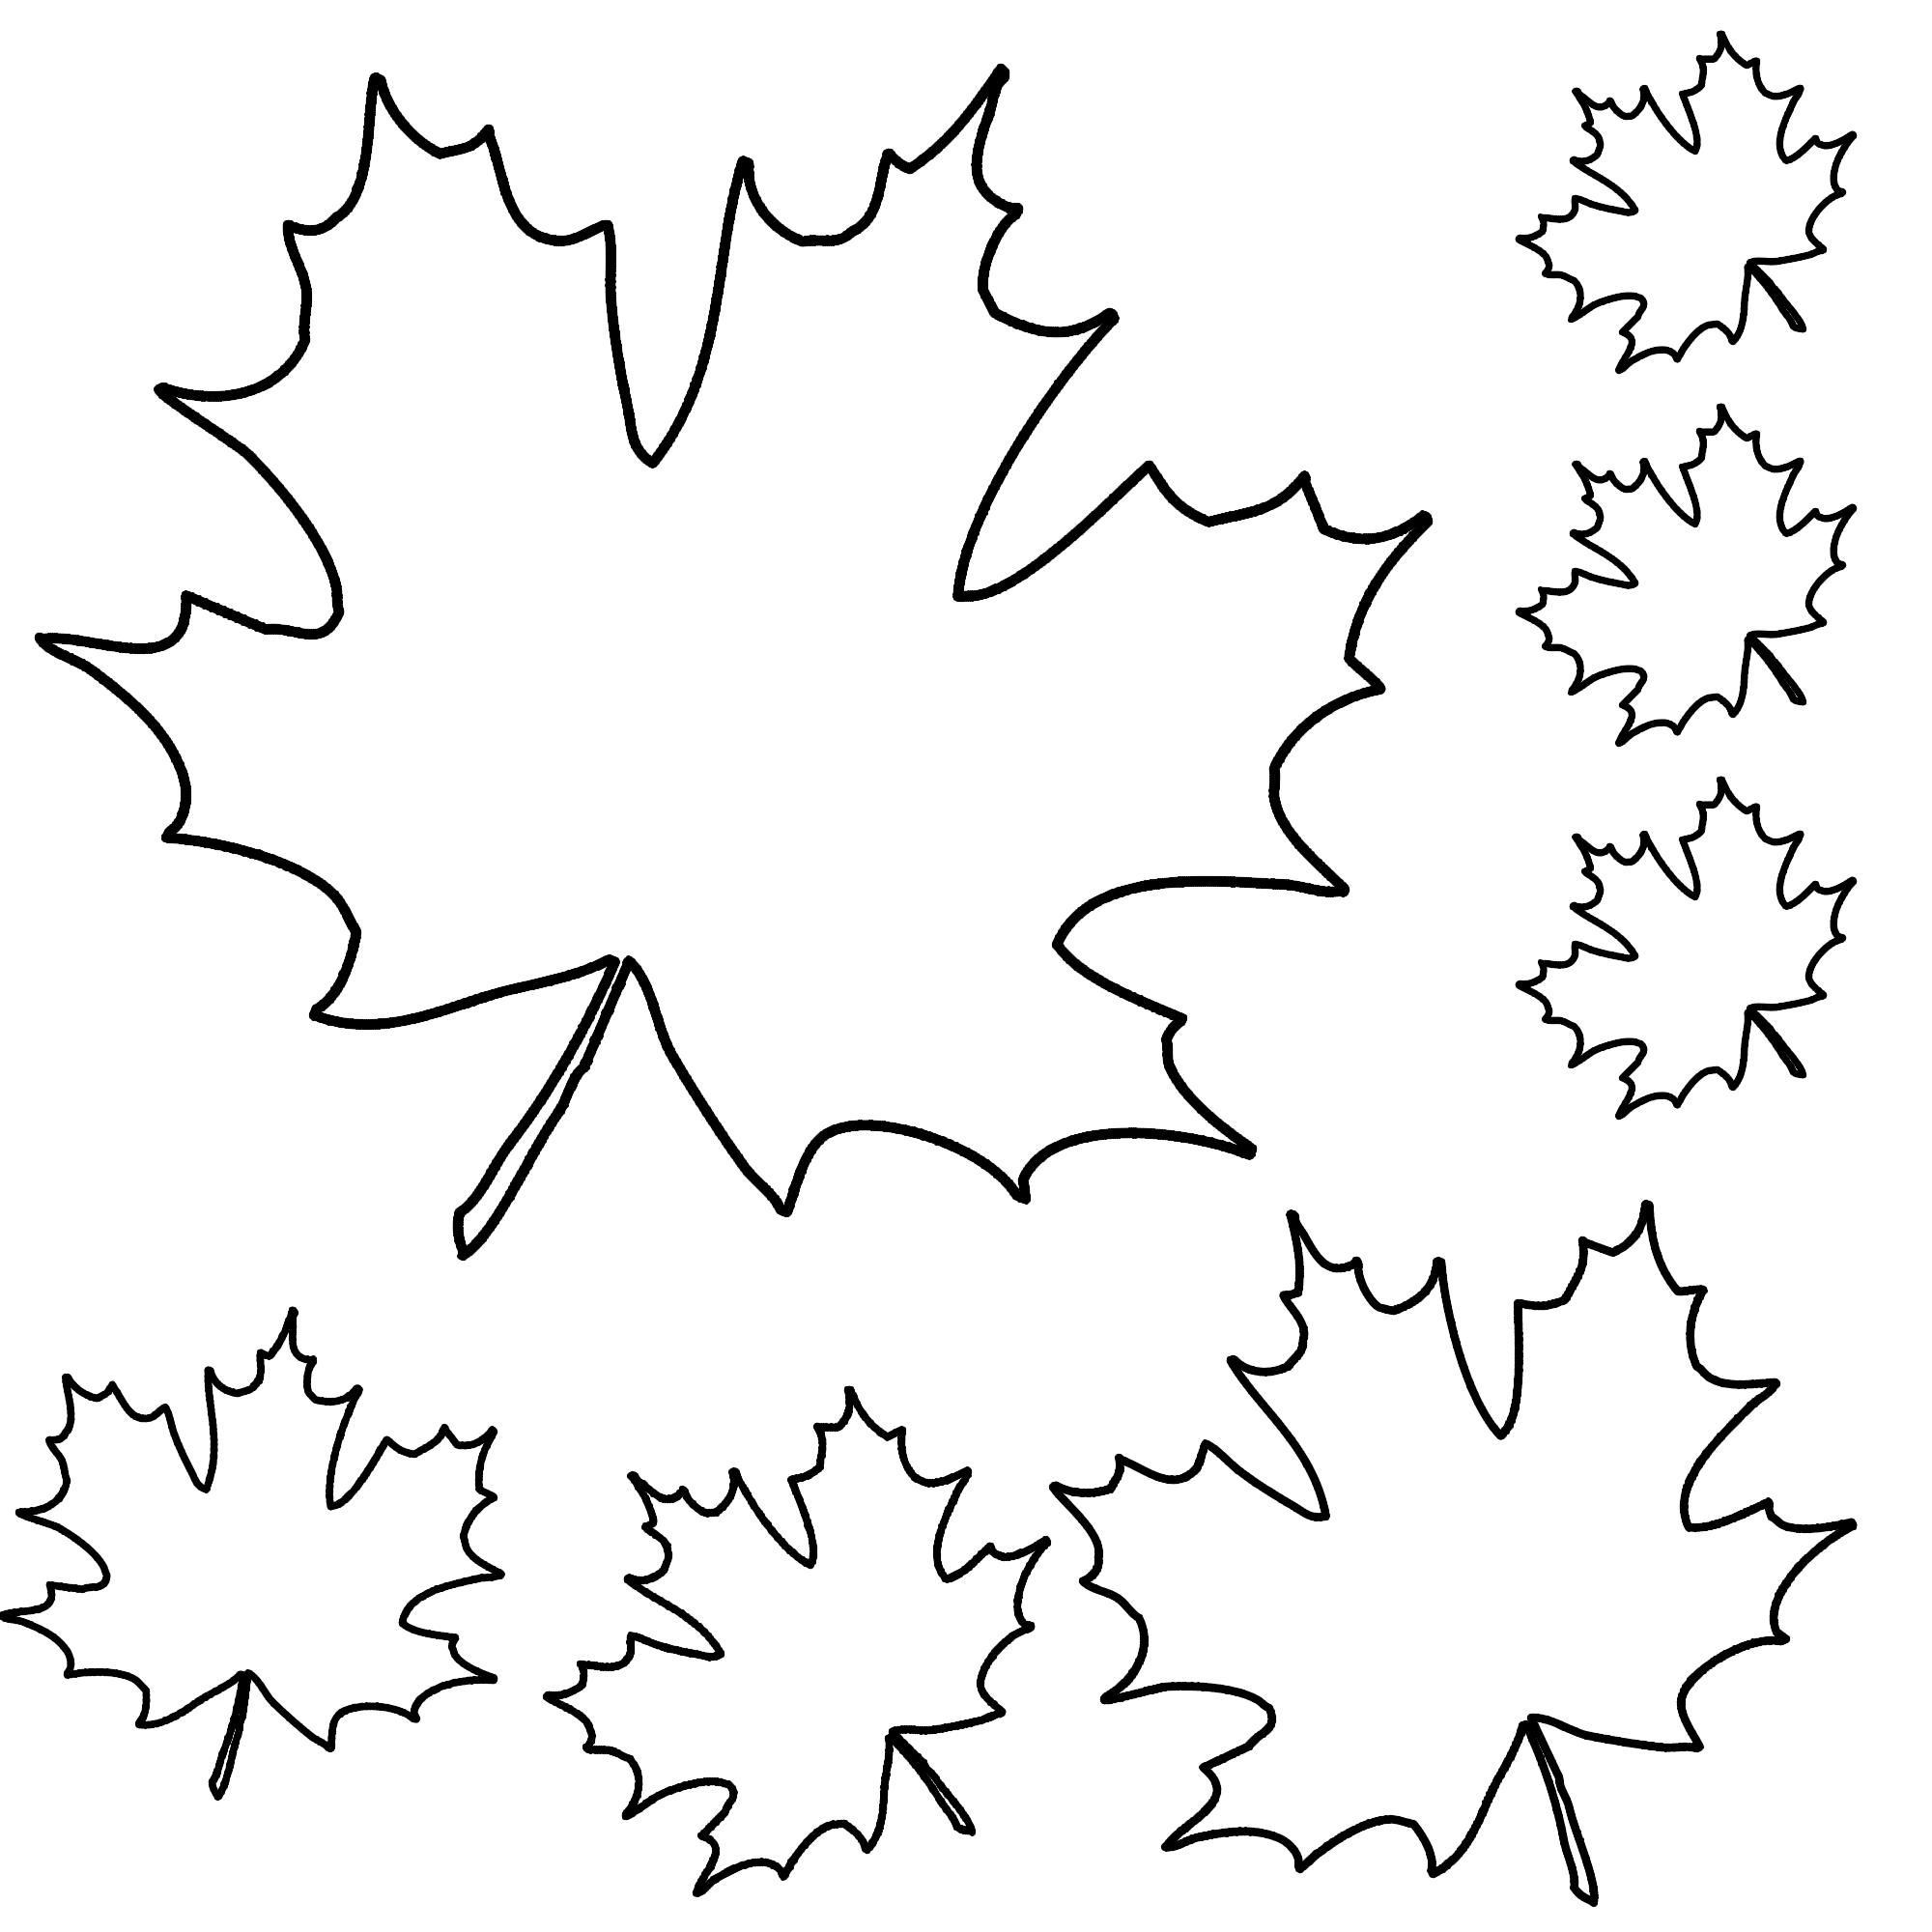 Auf Foglende Seite Finden Sie Schone Kostenlose Herbstblatter Vorl Herbstblatter Vorlagen Fensterbilder Herbst Vorlagen Kostenlos Fensterbilder Herbst Vorlagen